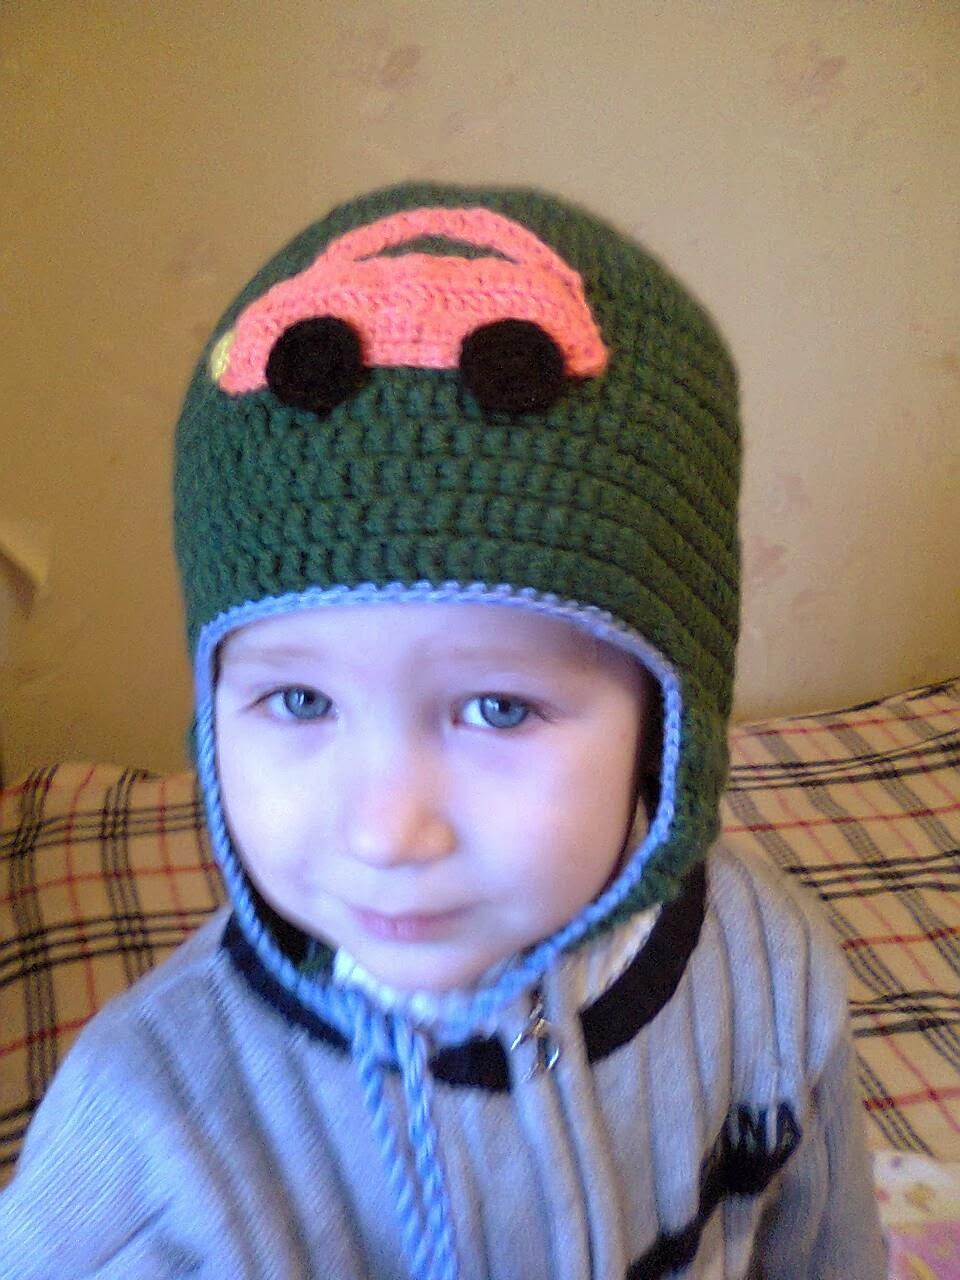 Аппликация Машинка крючком для шапки мальчика